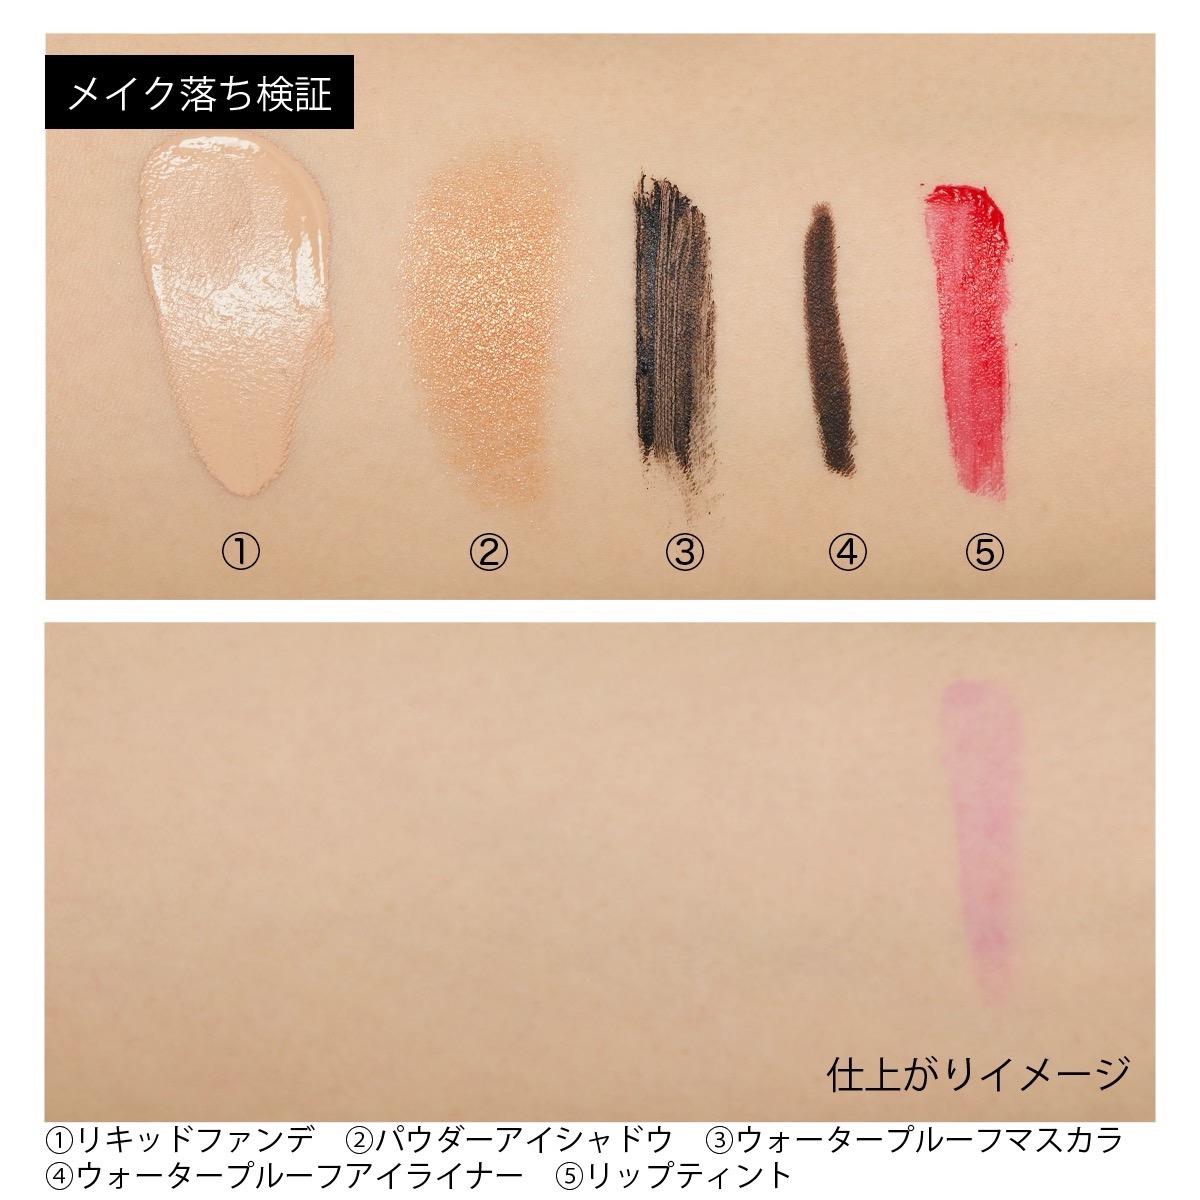 キュレル『潤浸保湿 オイルメイク落とし』の使用感をレポ!に関する画像10